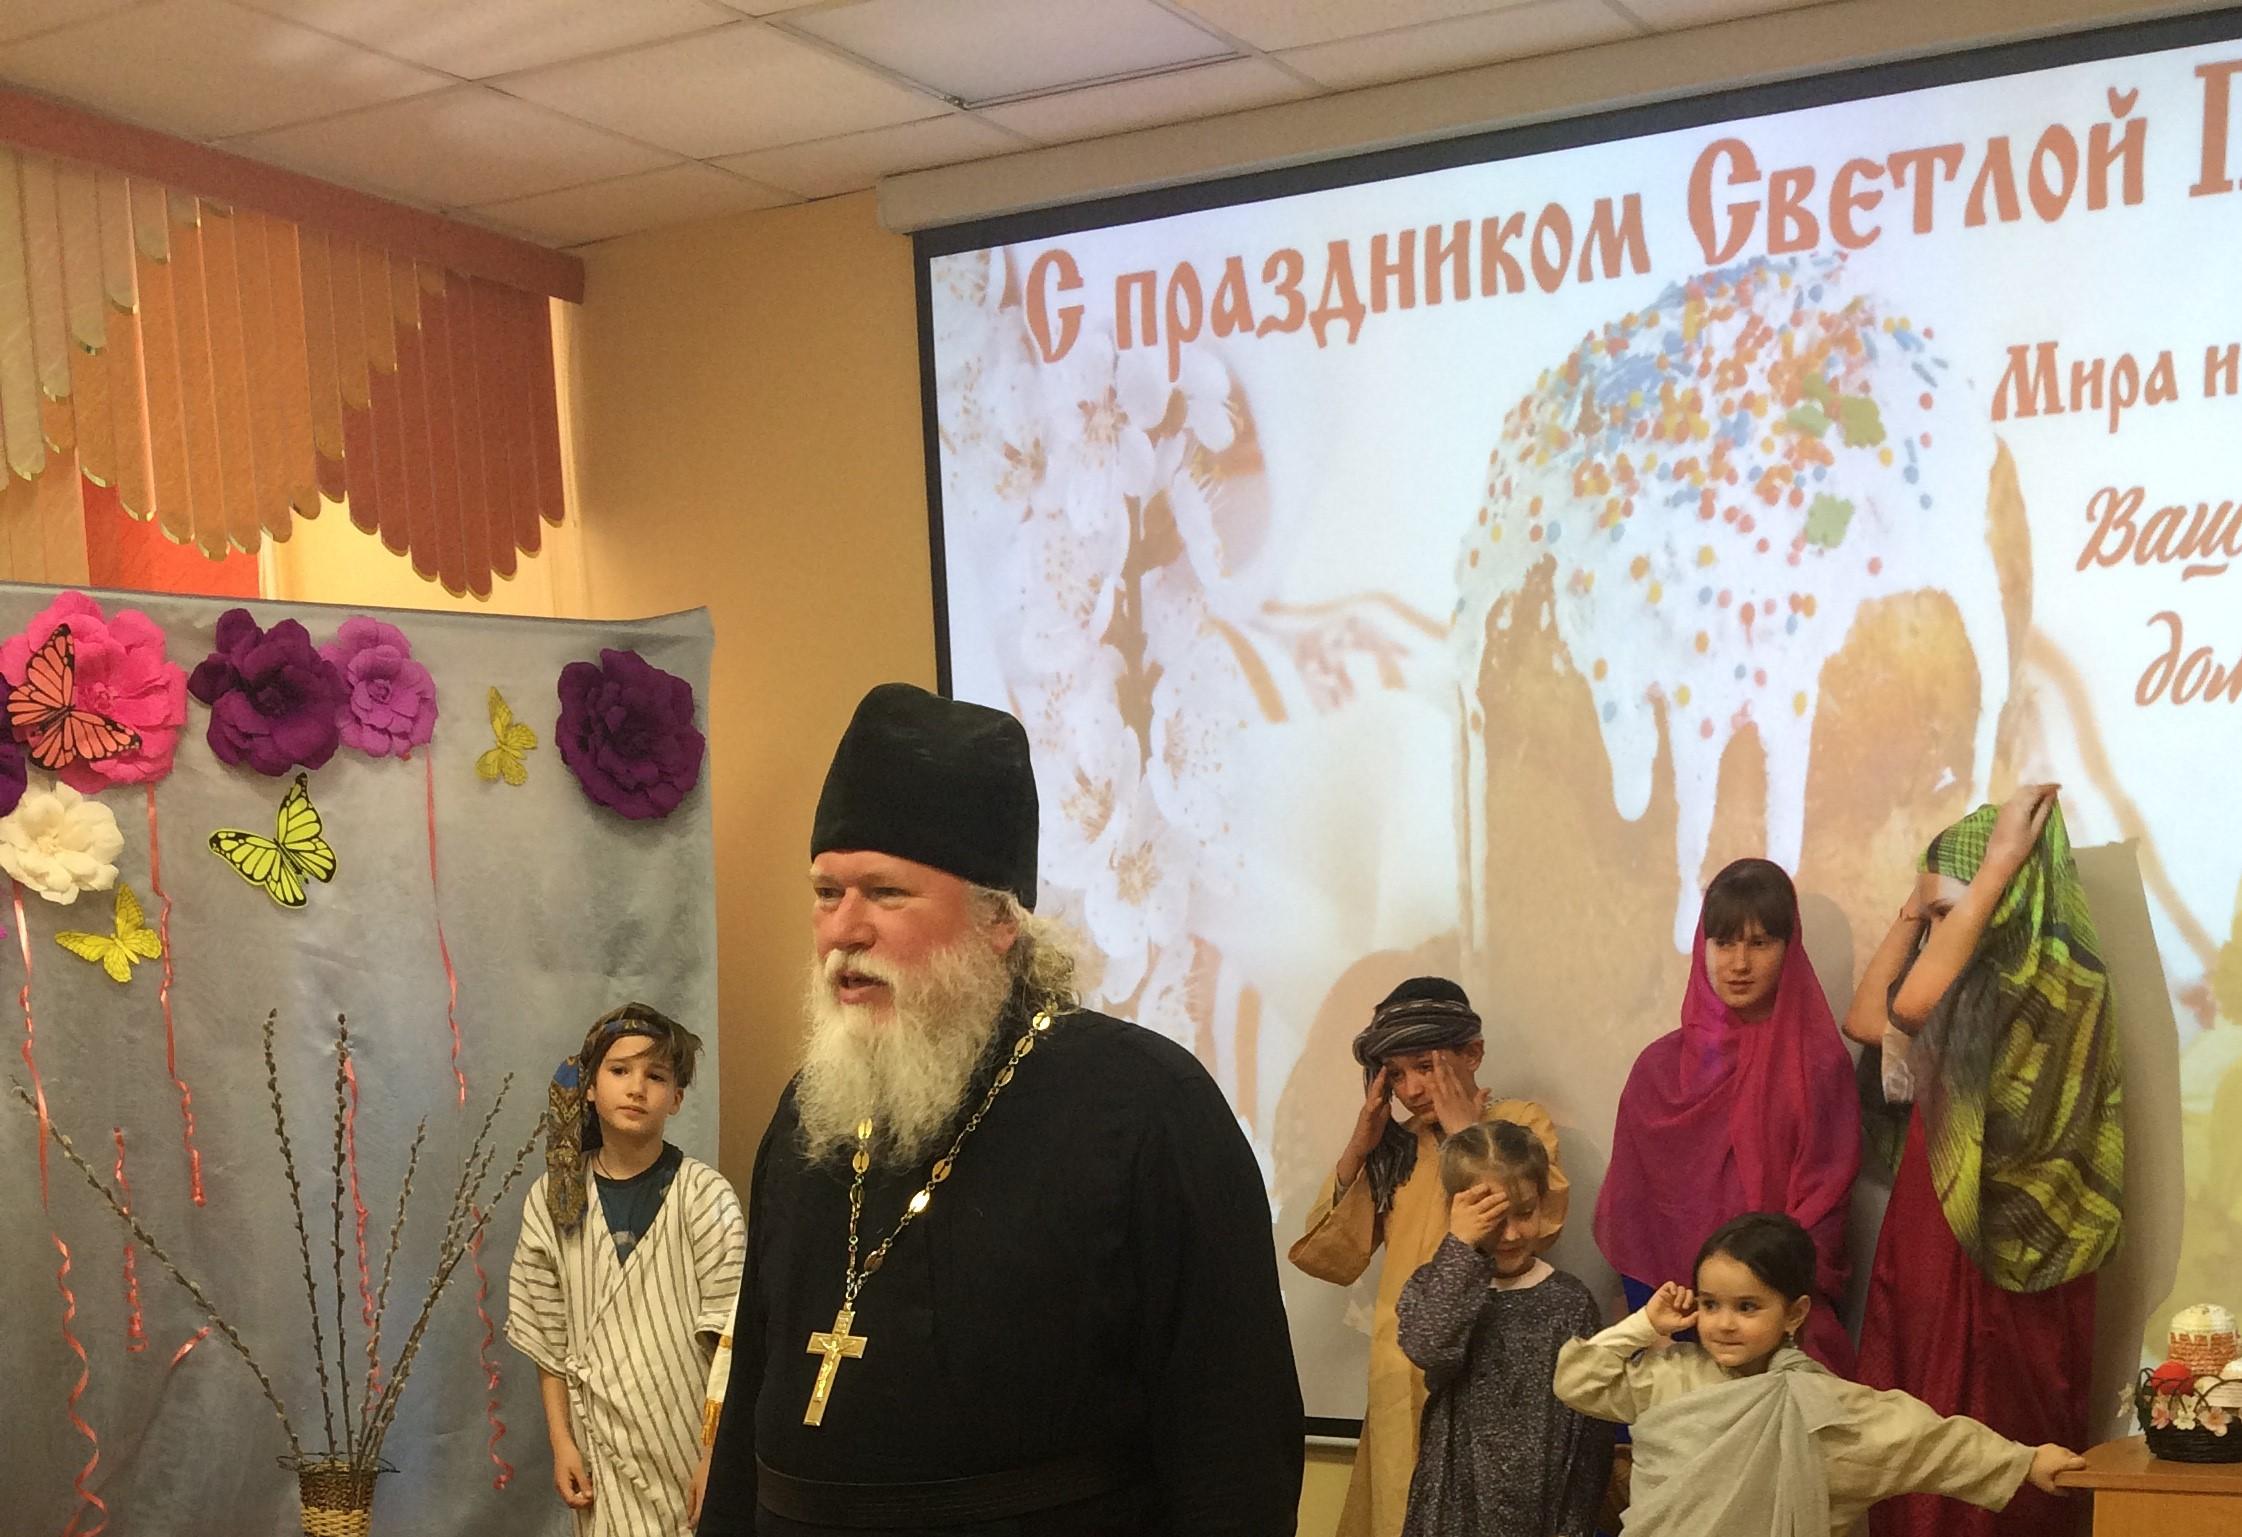 Юные прихожане храма Казанской иконы Божией Матери поздравили подопечных детских социальных учреждений Астрахани с праздником Светлого Христова Воскресения